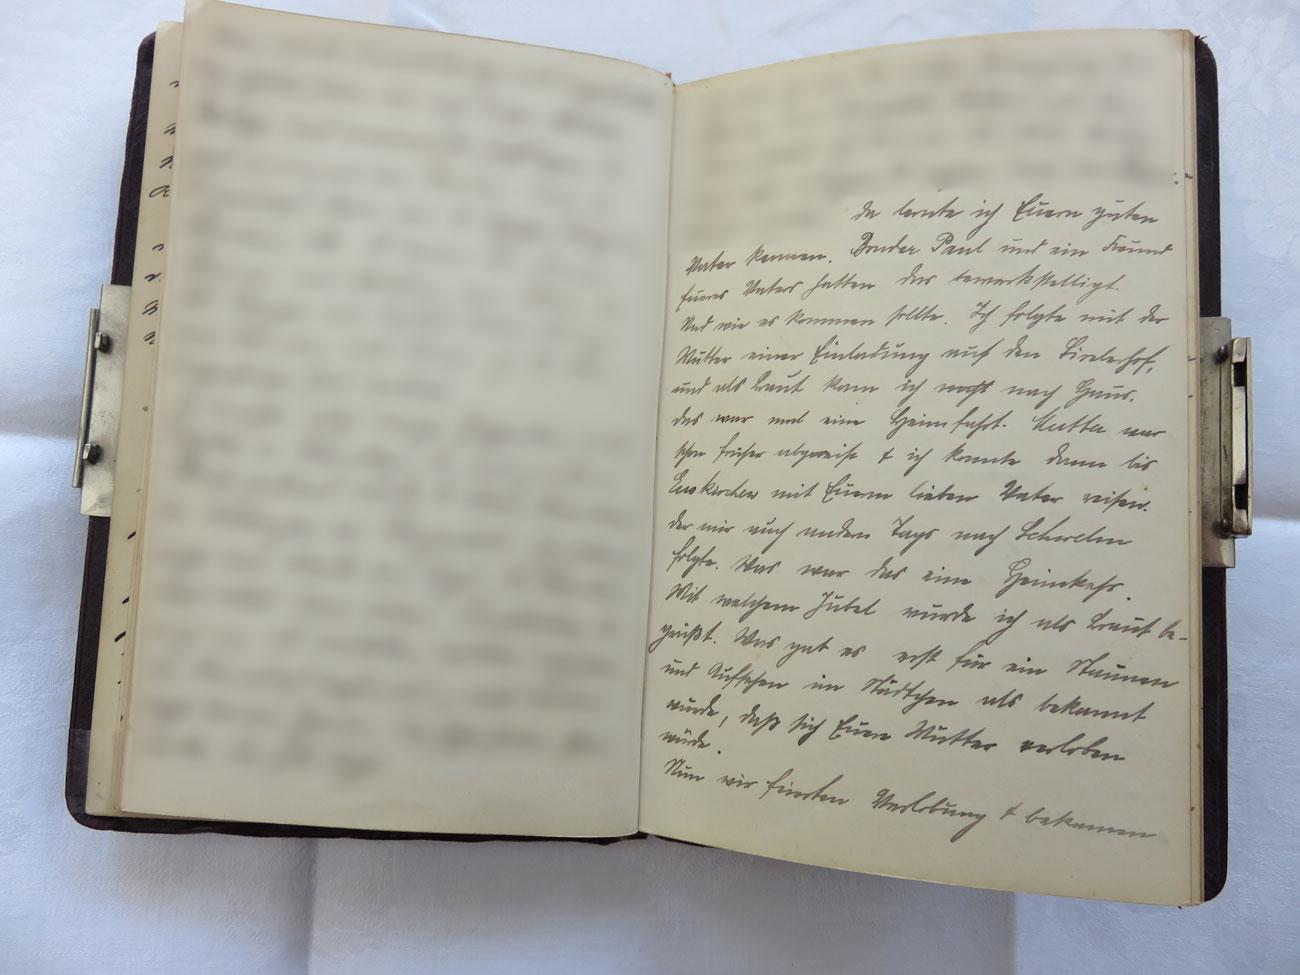 """Extrait du journal intime de / Ausschnitt aus dem Tagebuch von Hedwig Schmitz-Fürstenberg, 1912-1916 © Hedwig Schmitz-Fürstenberg [...] """"Da lernte ich euren lieben Vater kennen. Bruder Paul und ein Freund eures Vaters hatten das bewerkstelligt. Und wie es kommen sollte: ich folgte mit der Mutter einer Einladung auf den Birelerhof, und als Braut kam ich nach Haus. Das war mal eine Heimfahrt! Mit welchem Jubel wurde ich als Braut begrüßt! Was gab es erst eine Staunen und Aufsehen im Städtchen, als bekannt wurde, dass sich eure Mutter verloben würde.  Nun, wir feierten Verlobung und bekamen wunderbare Blumen und andere schöne Geschenke von Freunden und Bekannten zugeschickt. Paul kam von Paderborn, wohin er inzwischen versetzt war. Theresa kam von Remagen zurück.  Nun hieß es aber, sich sputen mit der Hochzeit. Der Vater wollte nicht lange warten, und so wurde der Hochzeitstag auf den 29. April festgesetzt, nachdem wir uns am 5. März heimlich verlobten, und 10 Tage darauf in Schwelm öffentlich Verlobung gefeiert hatte."""" [...]"""